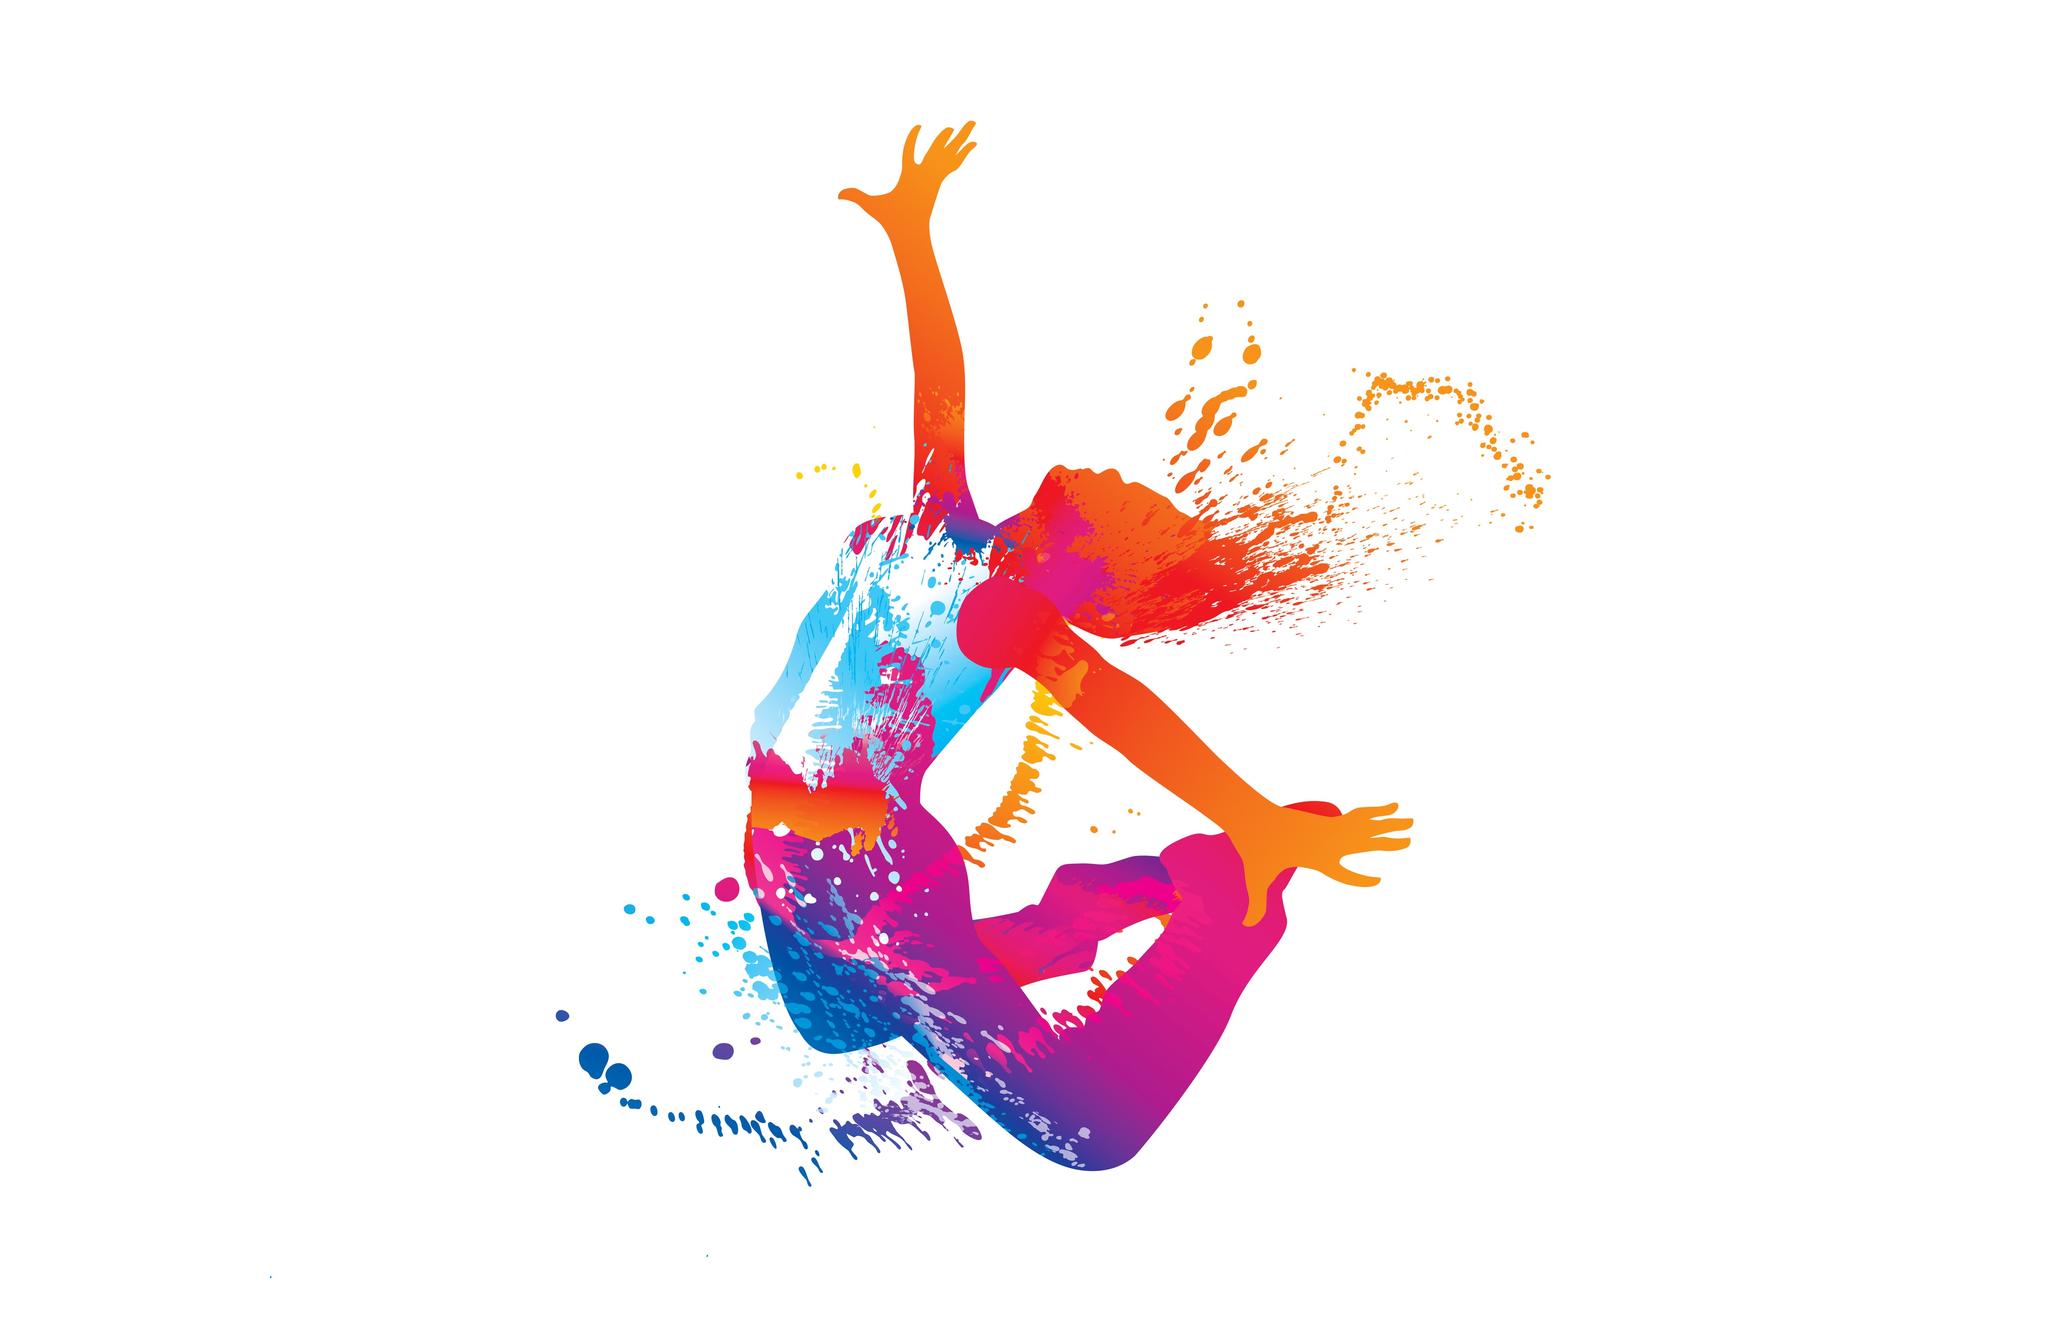 современной современный танец картинки на белом фоне поэтому мог подробно